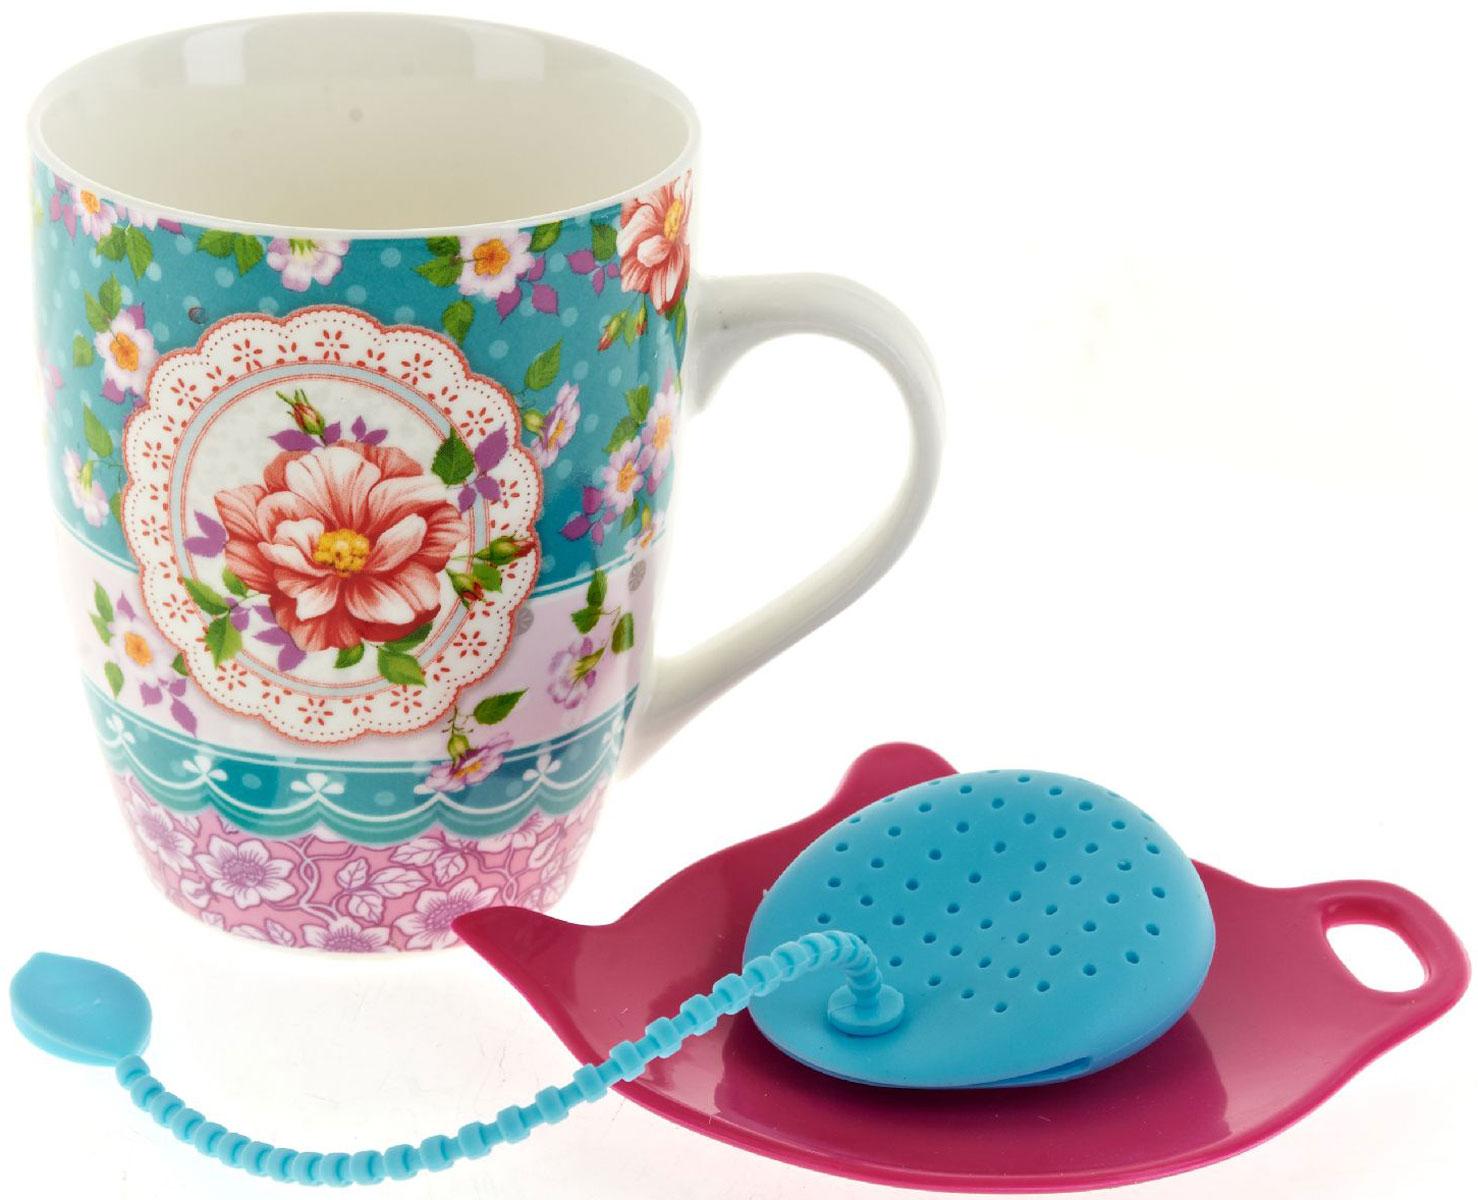 Кружка Nouvelle De France Цветочные кружева, с фильтром, с подставкой под чайный пакетик, 340 мл кружка с подставкой ecowoo кружка с подставкой